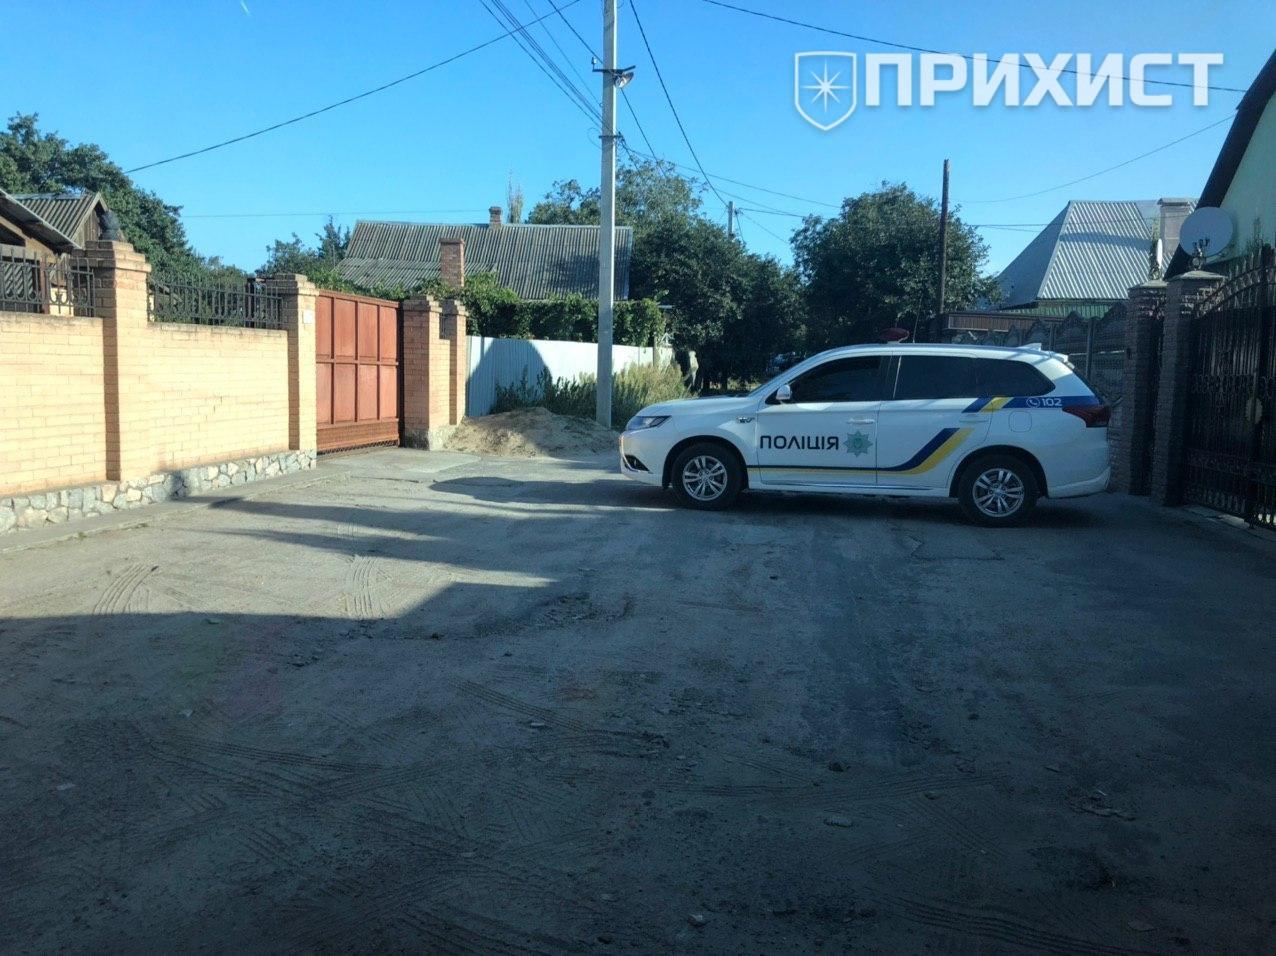 ОБНОВЛЕНО: полиция задержала подозреваемых в двойном убийстве | Прихист